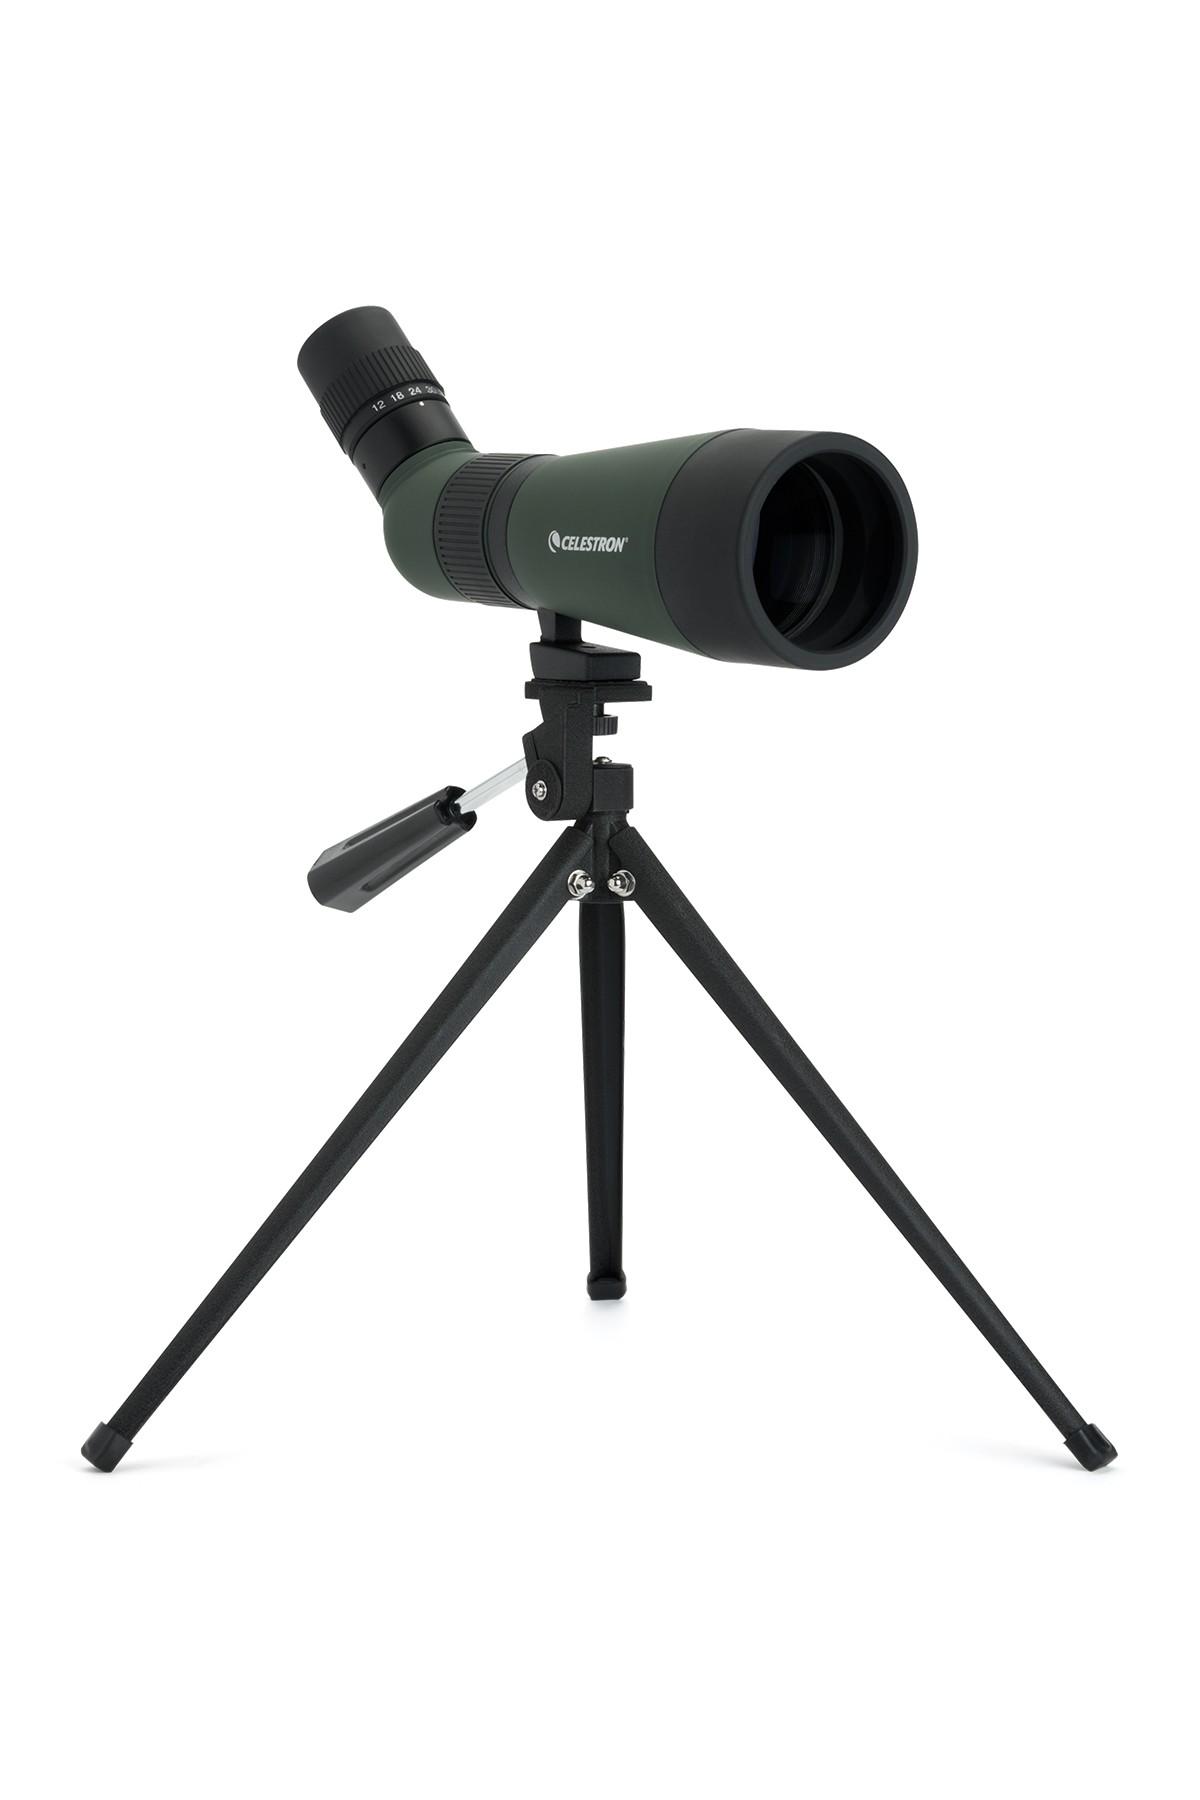 LandScout 12-36x60